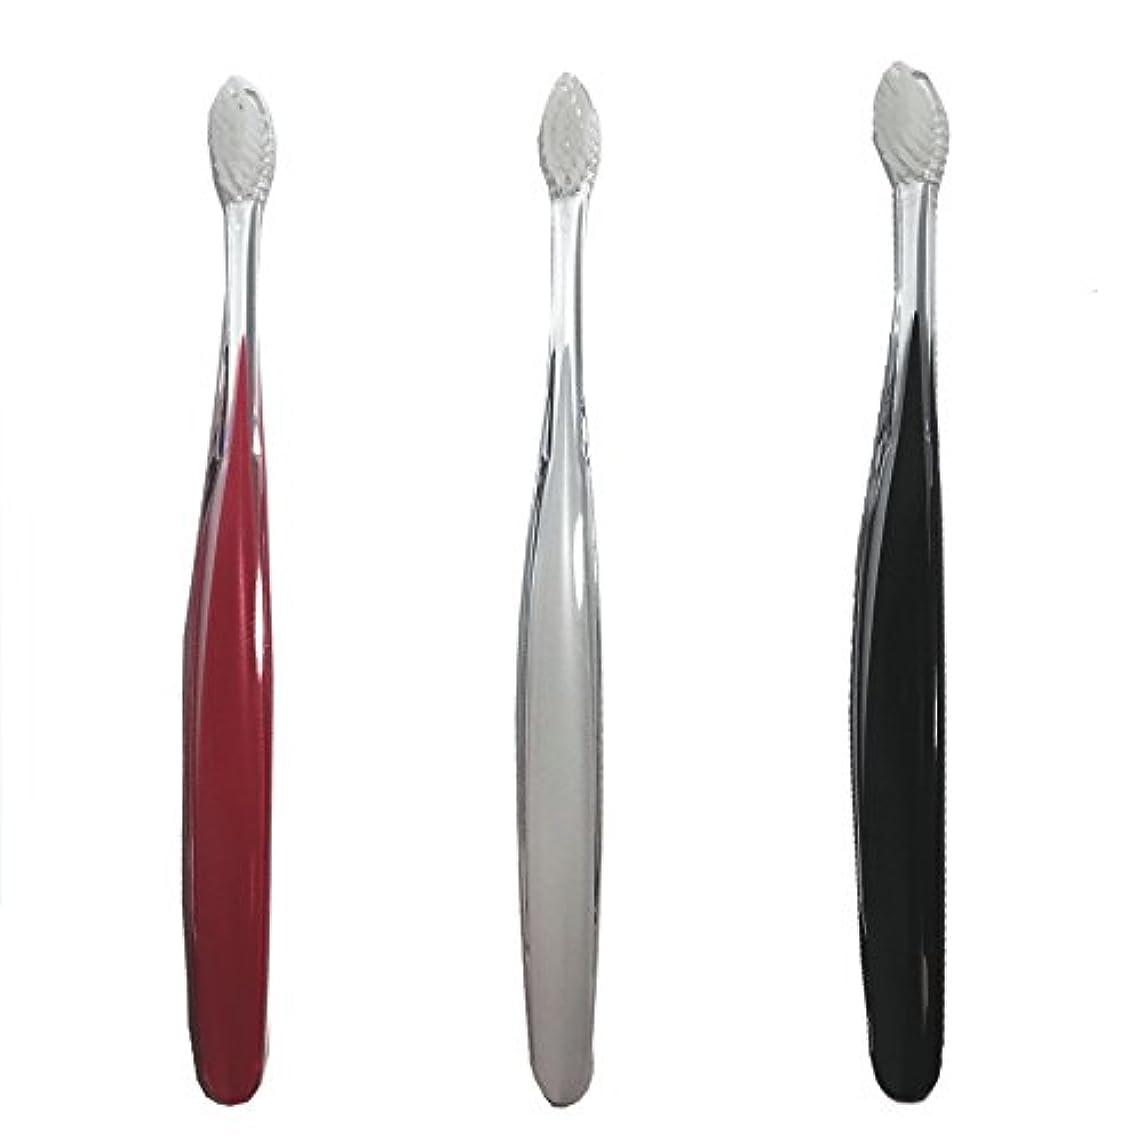 インスタンススポンジ単語サムライ(SAMRAI)歯ブラシ ふつう 3色セット